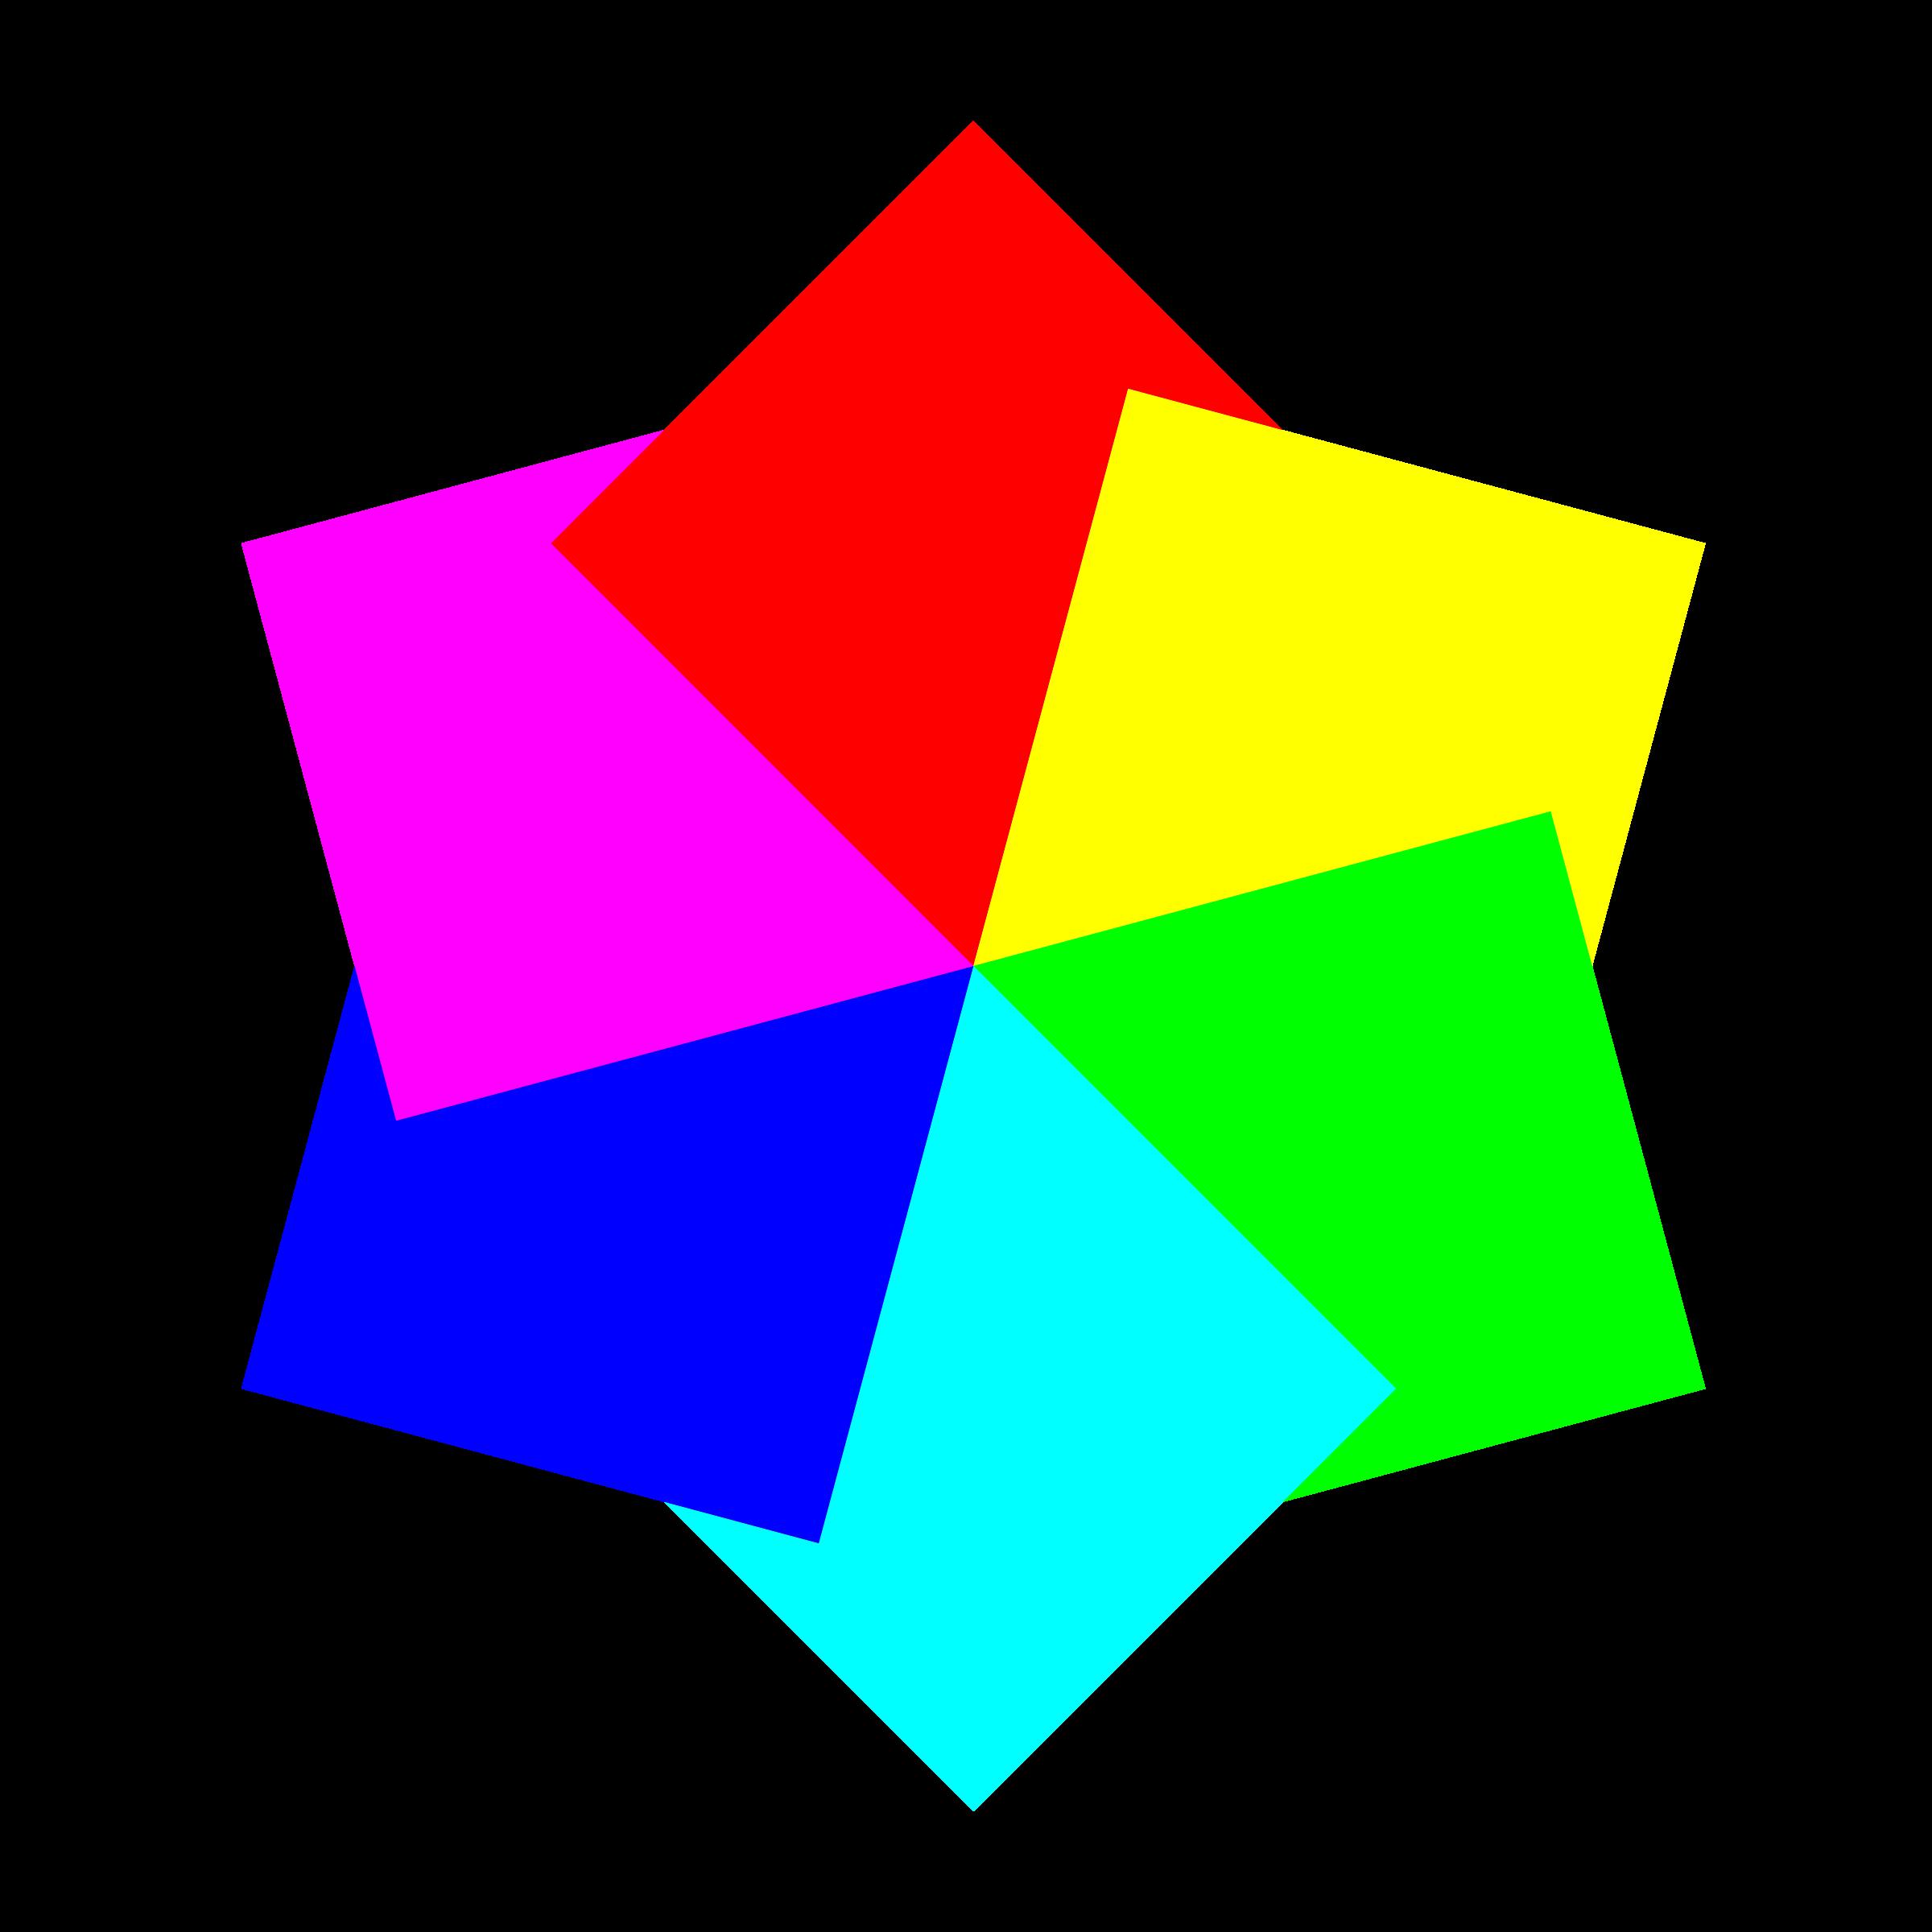 Squares clipart big BIG (PNG) Clipart hexagram squares